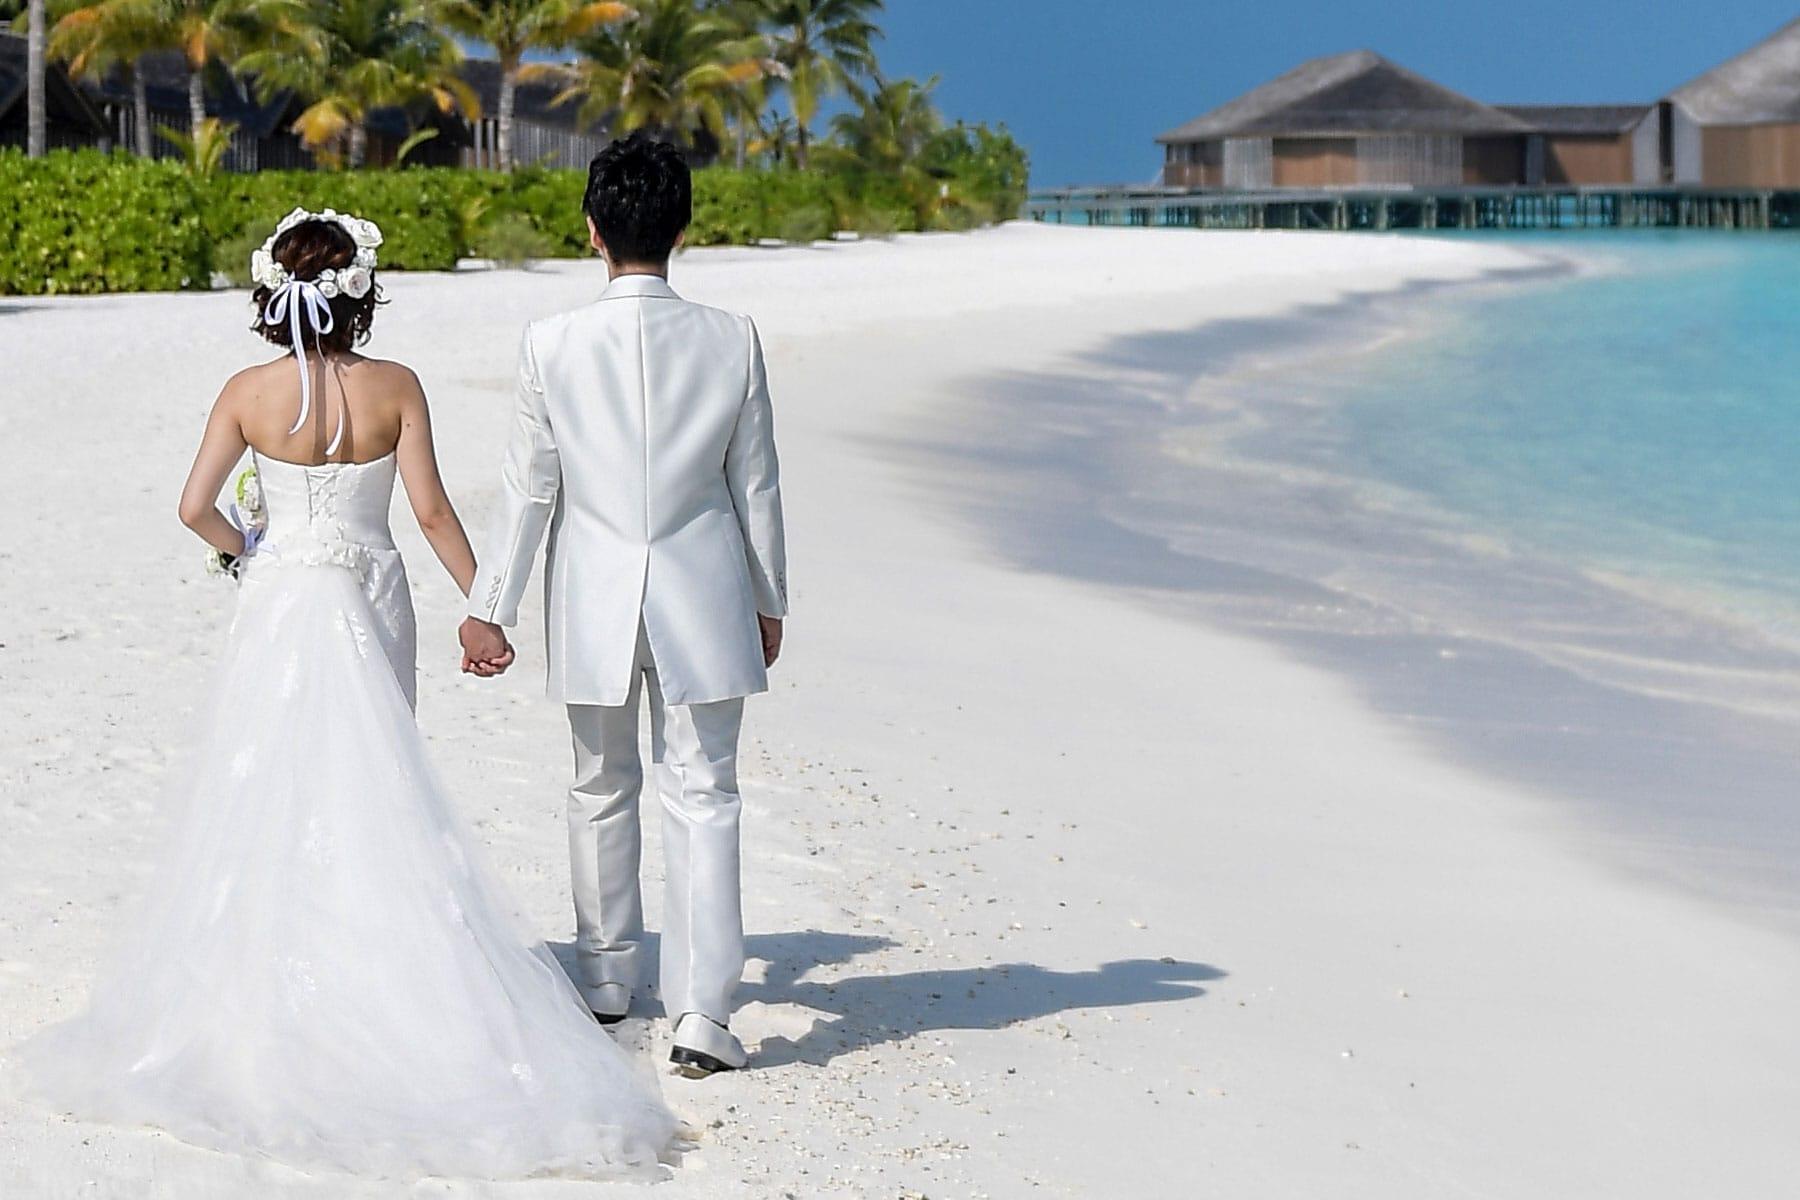 Resor-till-Maldiverna-med-Nygren-&-Lind-resebyrå---bröllopspar-på-stranden